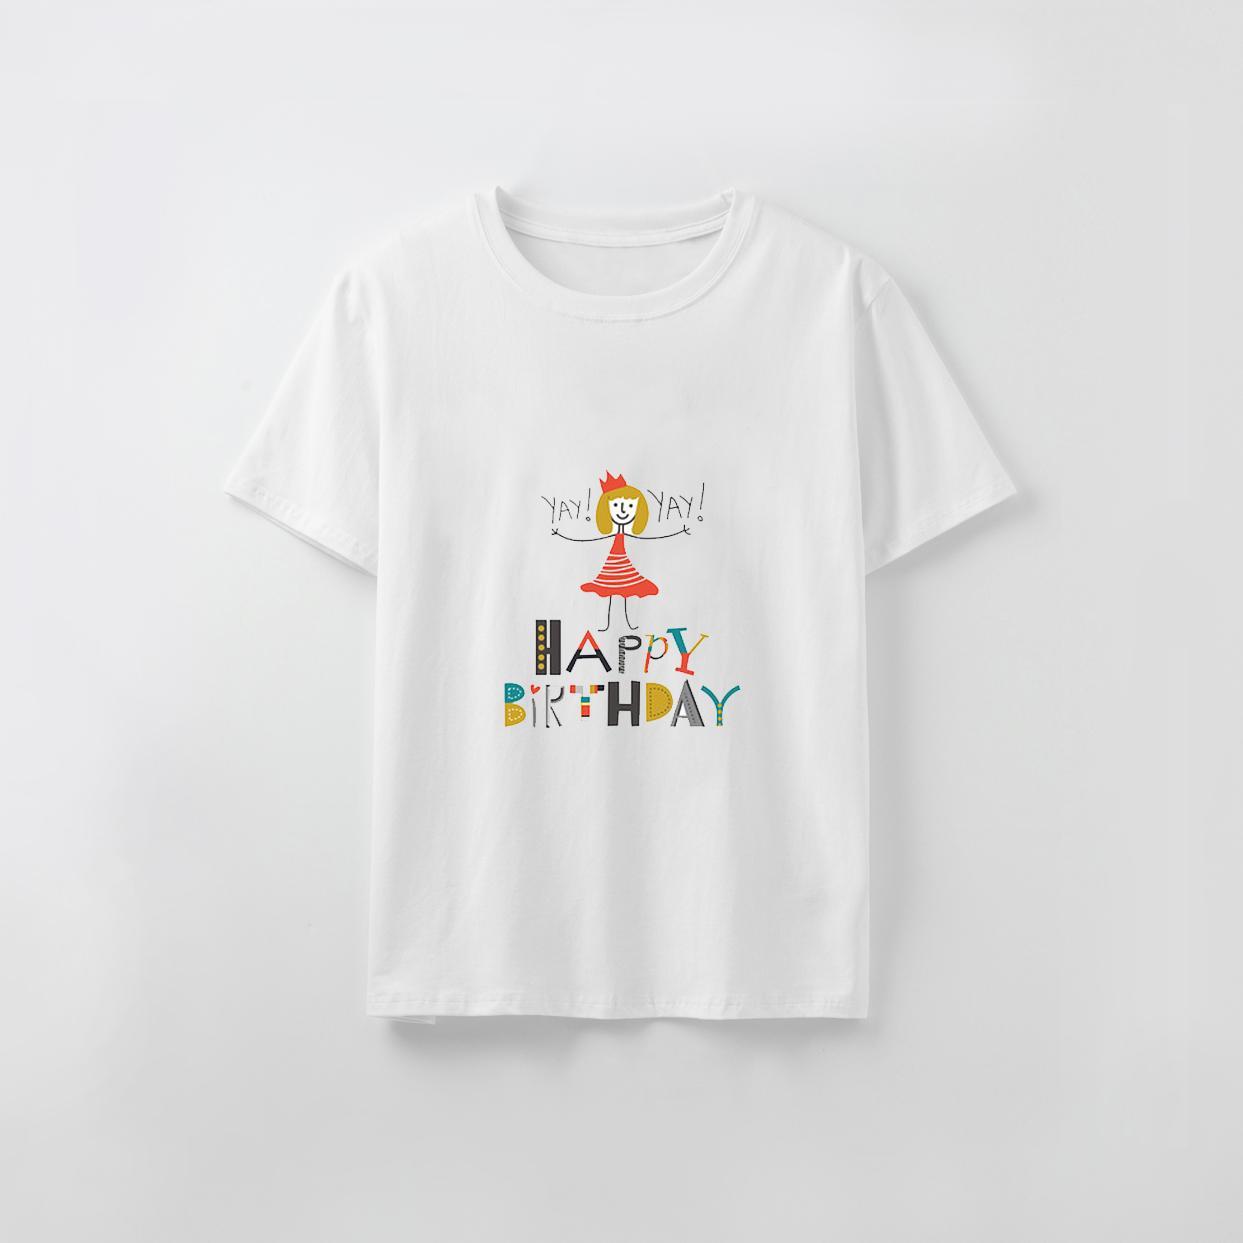 2020 Özel Tshirt Baskı% 100 Pamuk Tasarım Erkek Saf Renk Yuvarlak Yaka Kısa Kollu Logo Ücretsiz DIY Baskılı Tişört 2091204Q Womens